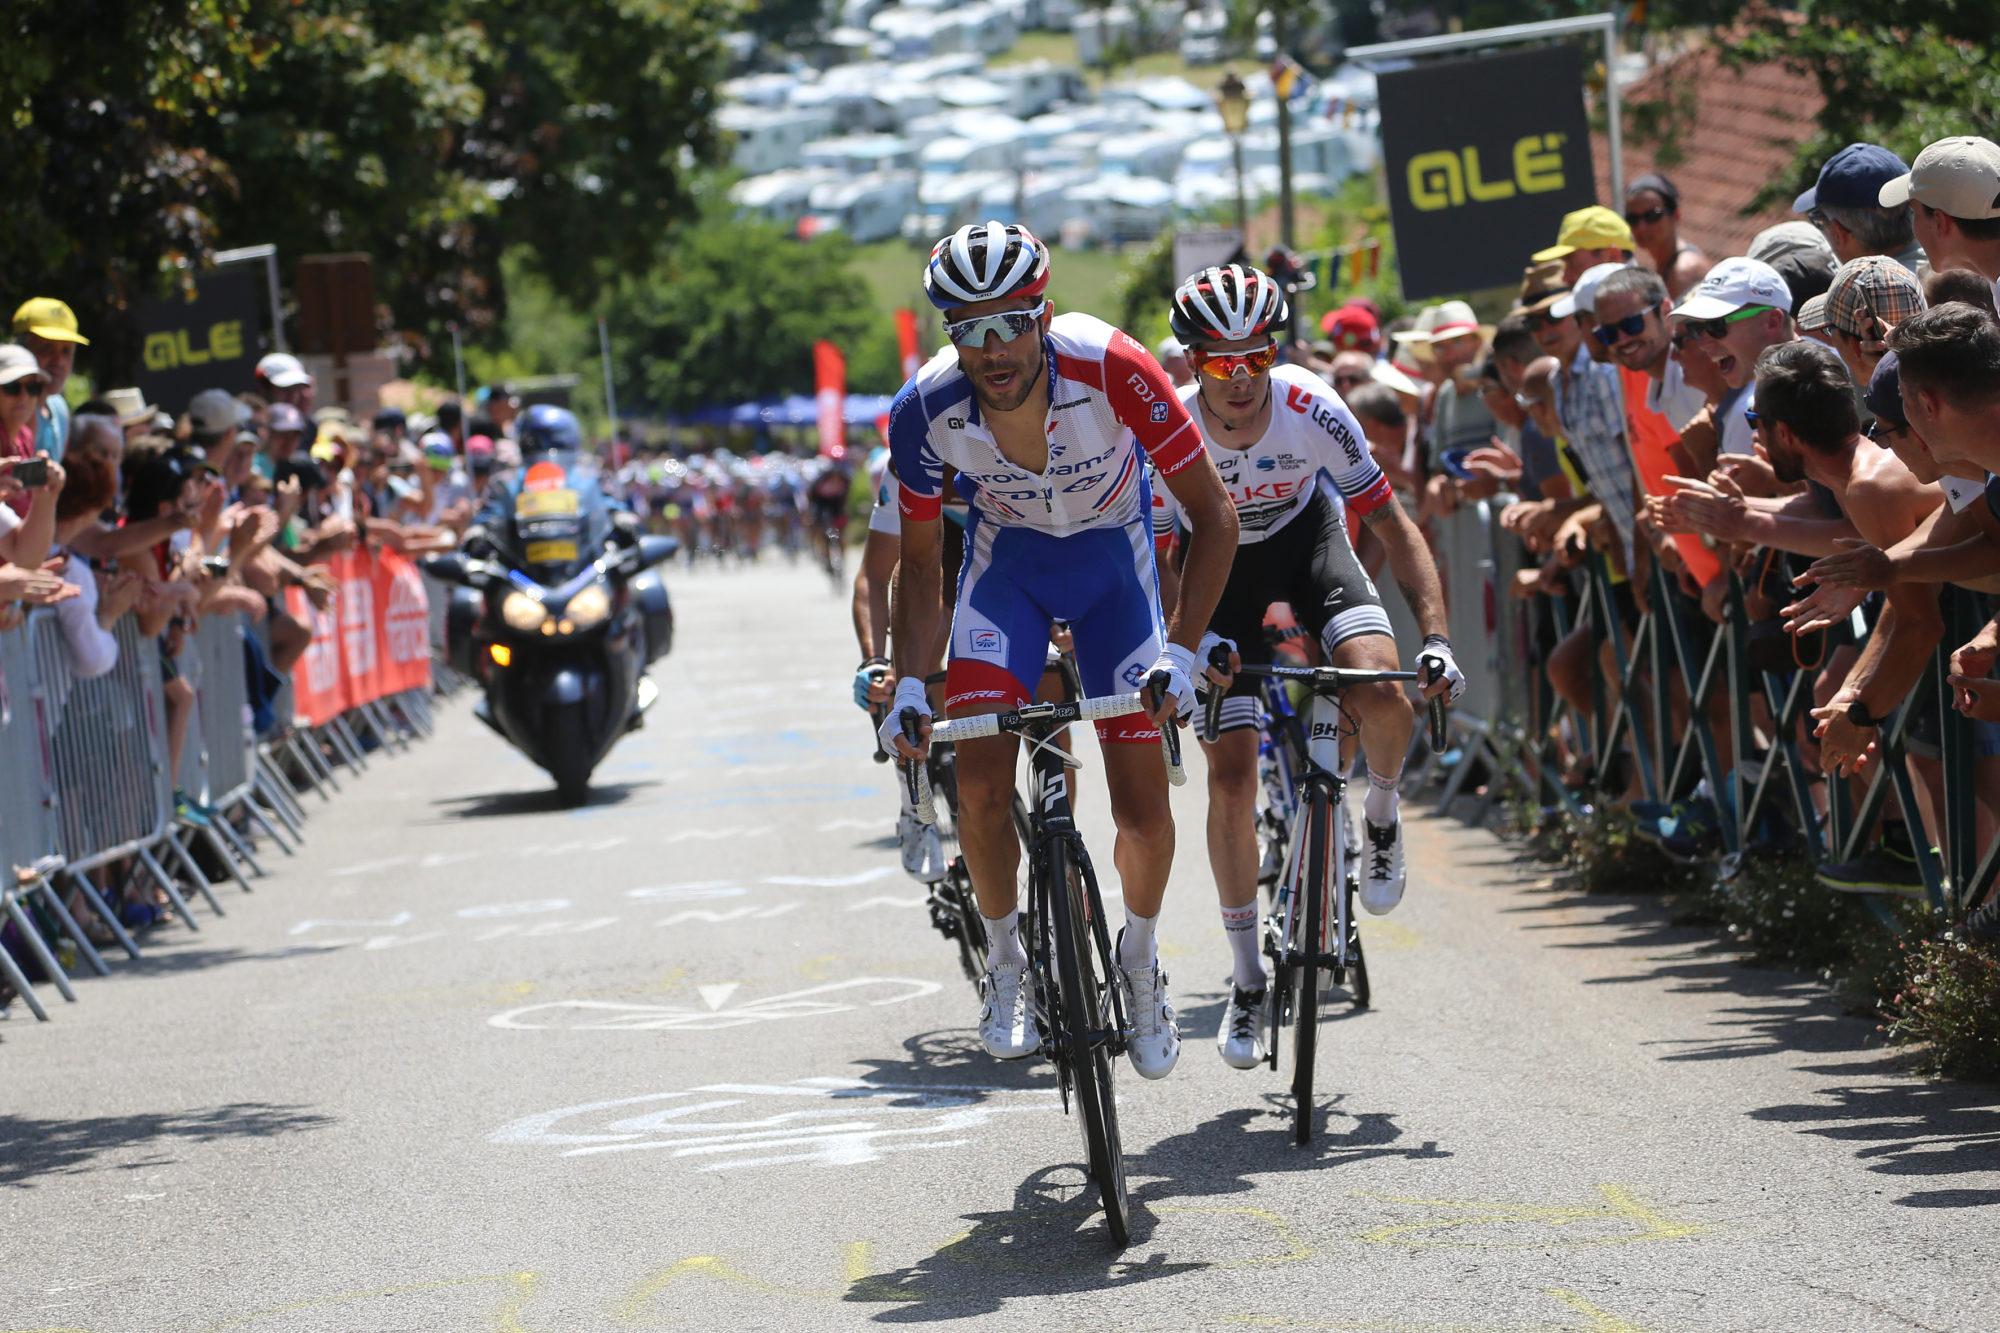 Les championnats de France de cyclisme sur route 2021 auront bien lieu à Epinal !